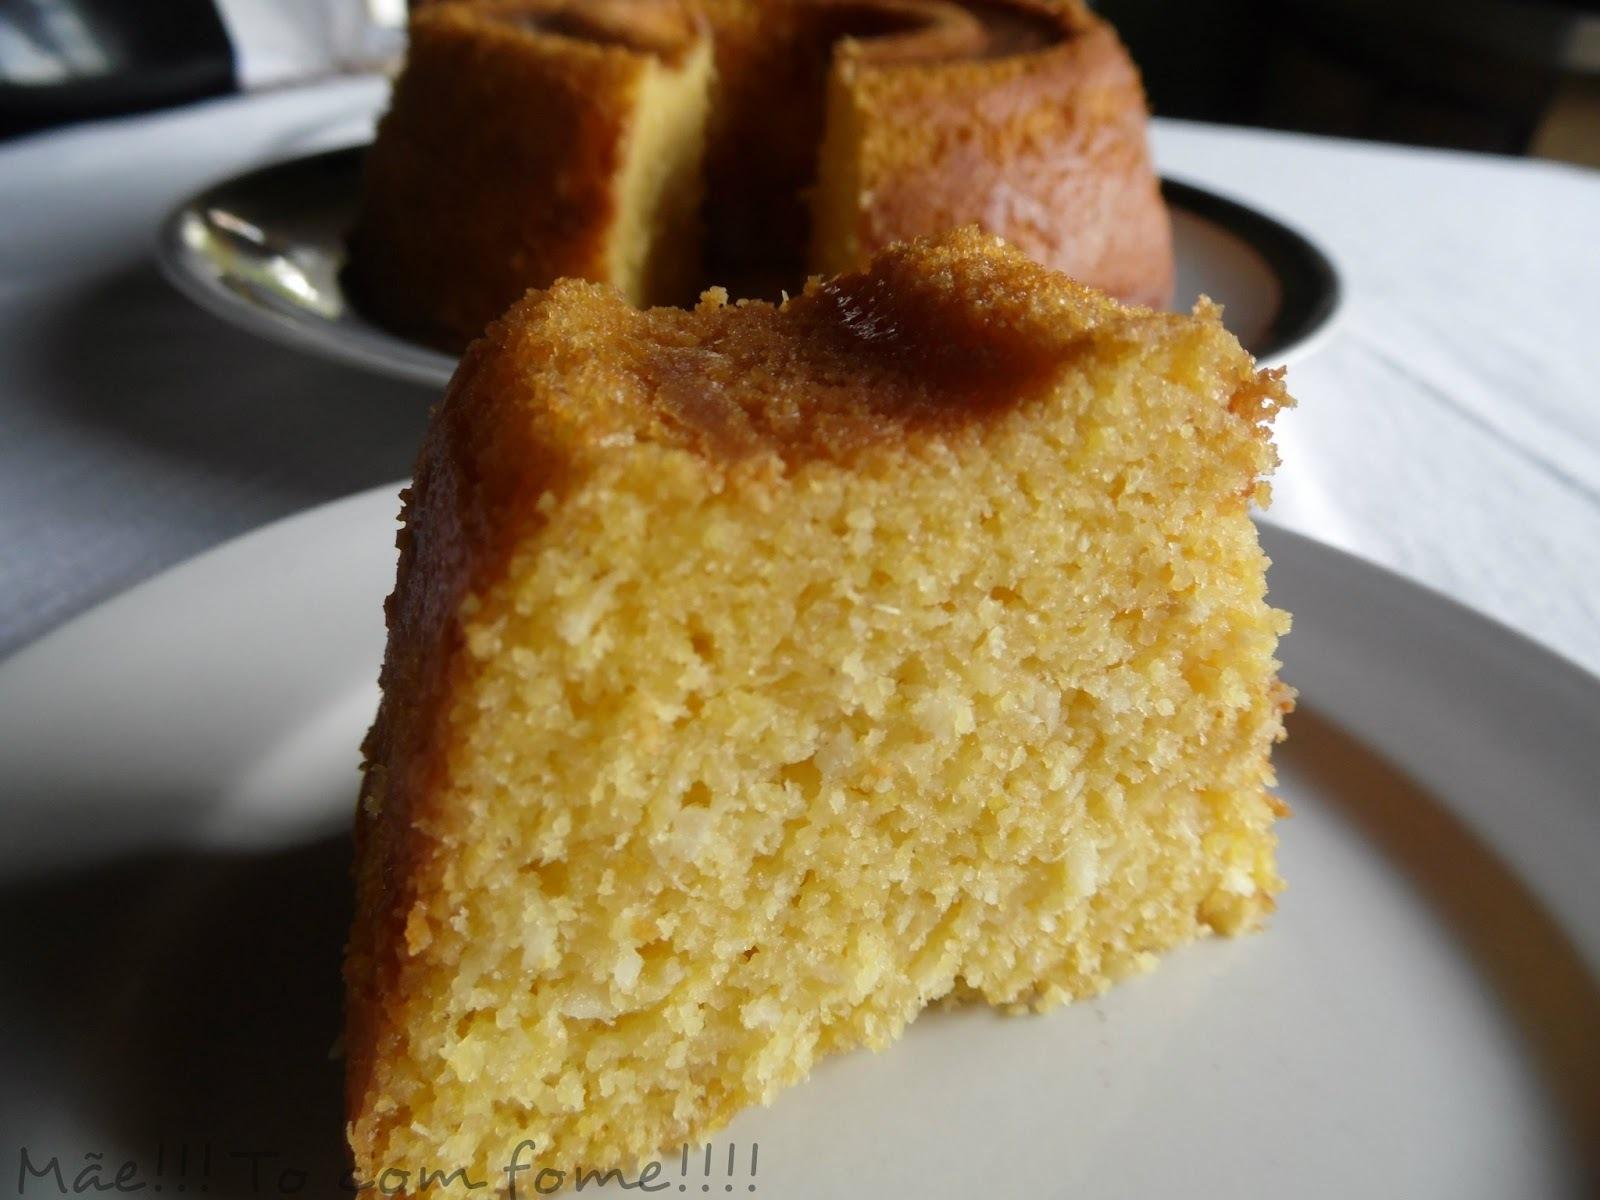 de bolo de milho verde com leite condensado coco e milharina